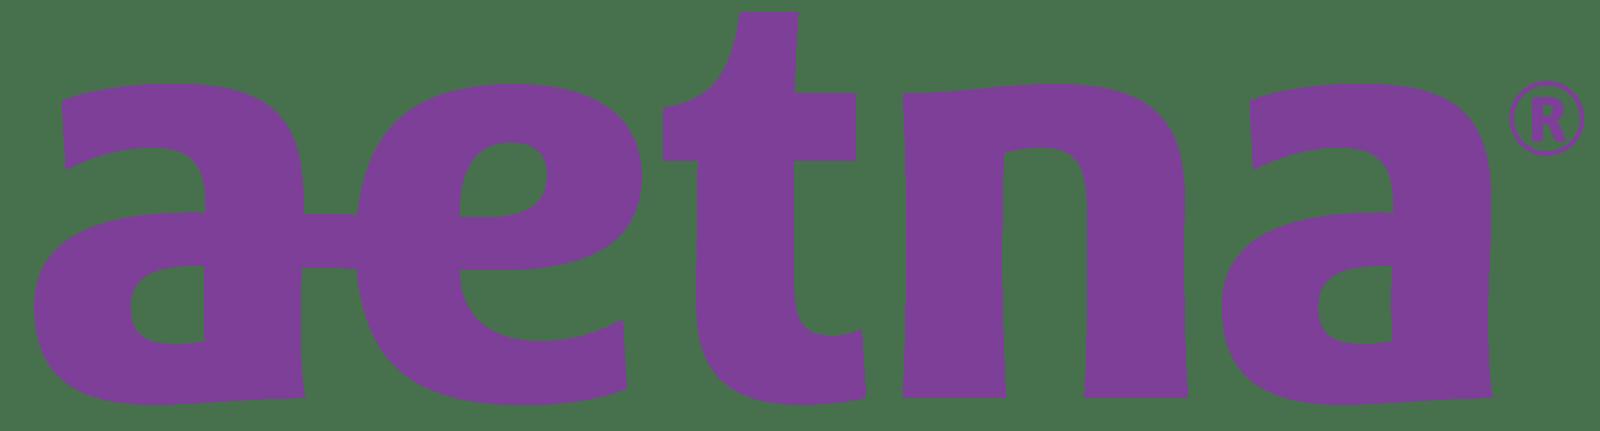 Aetna association logo